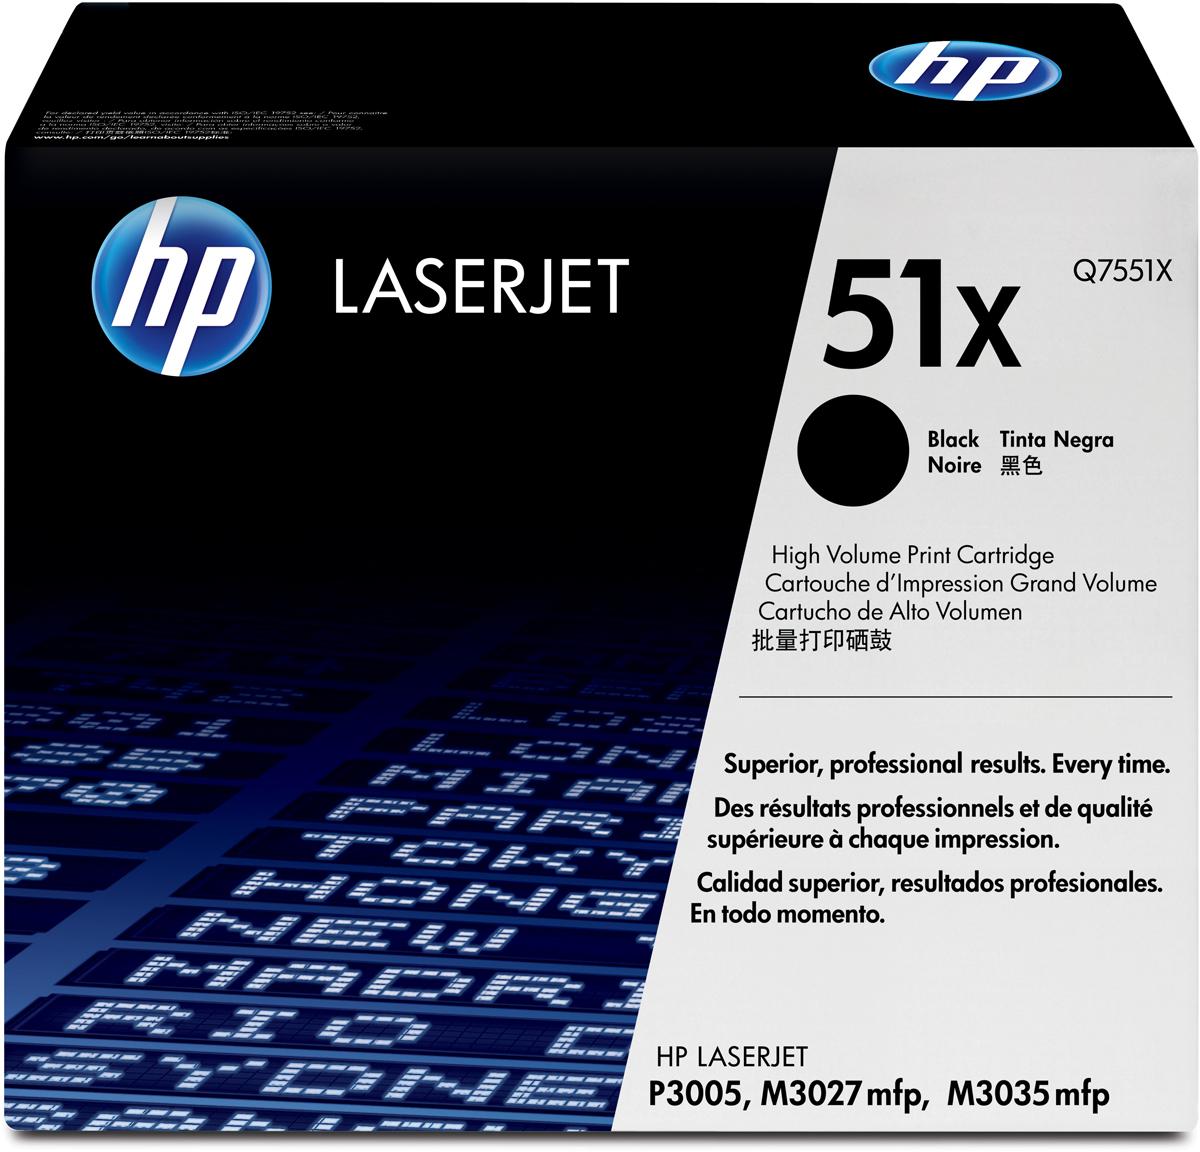 HP Q7551X, Black тонер-картридж для LaserJet P3005/M3035mfp/M3027mfpQ7551X